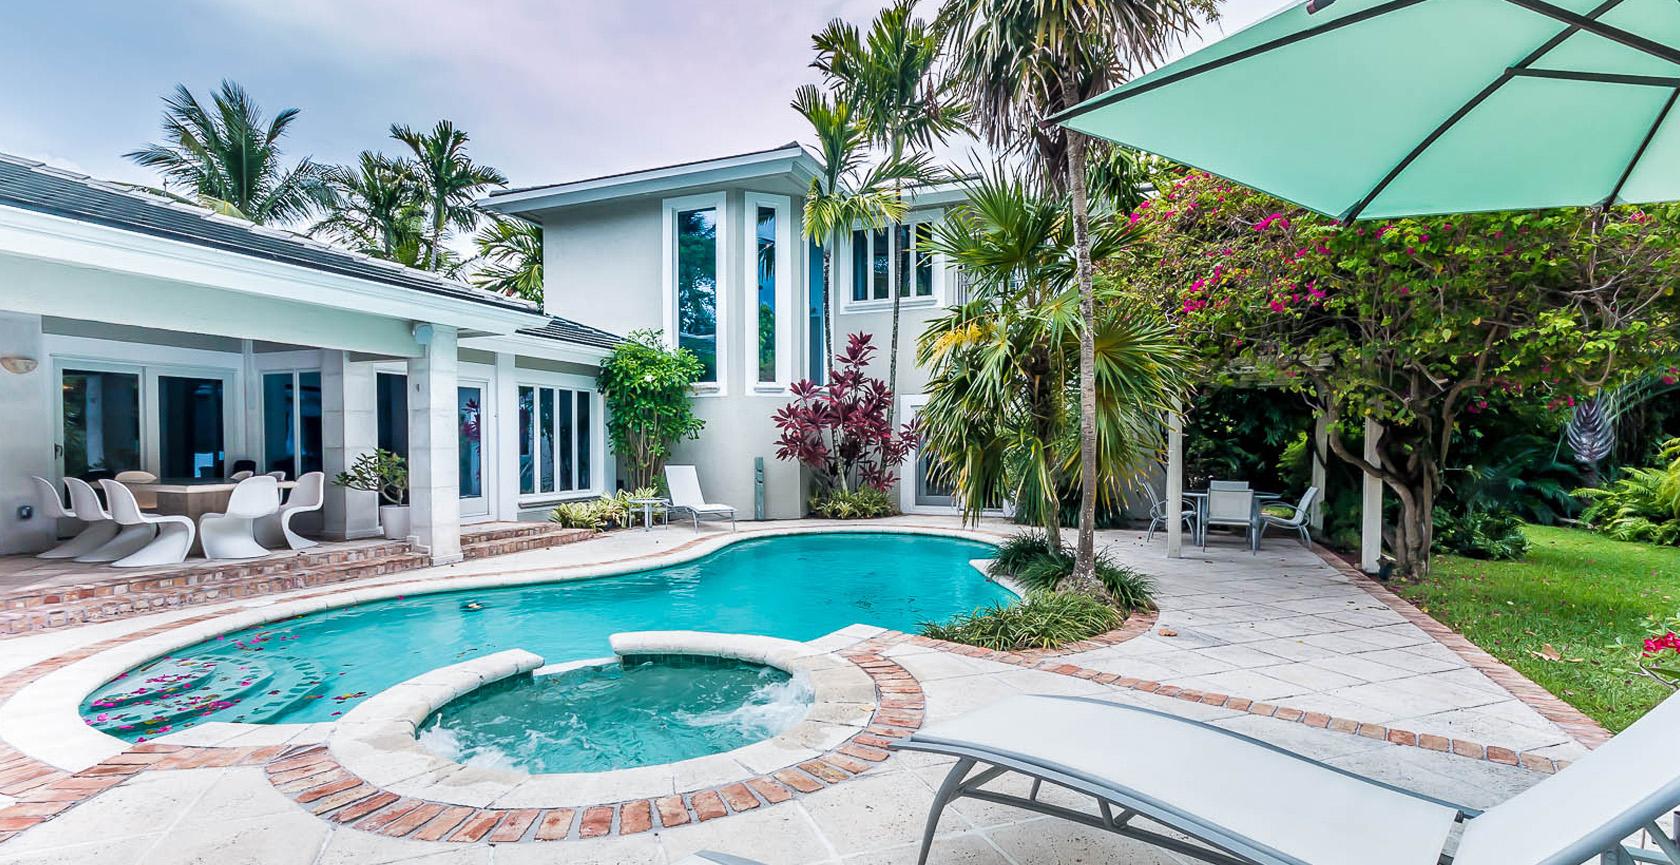 Florida Vacation Rentals Holiday Rentals Florida South